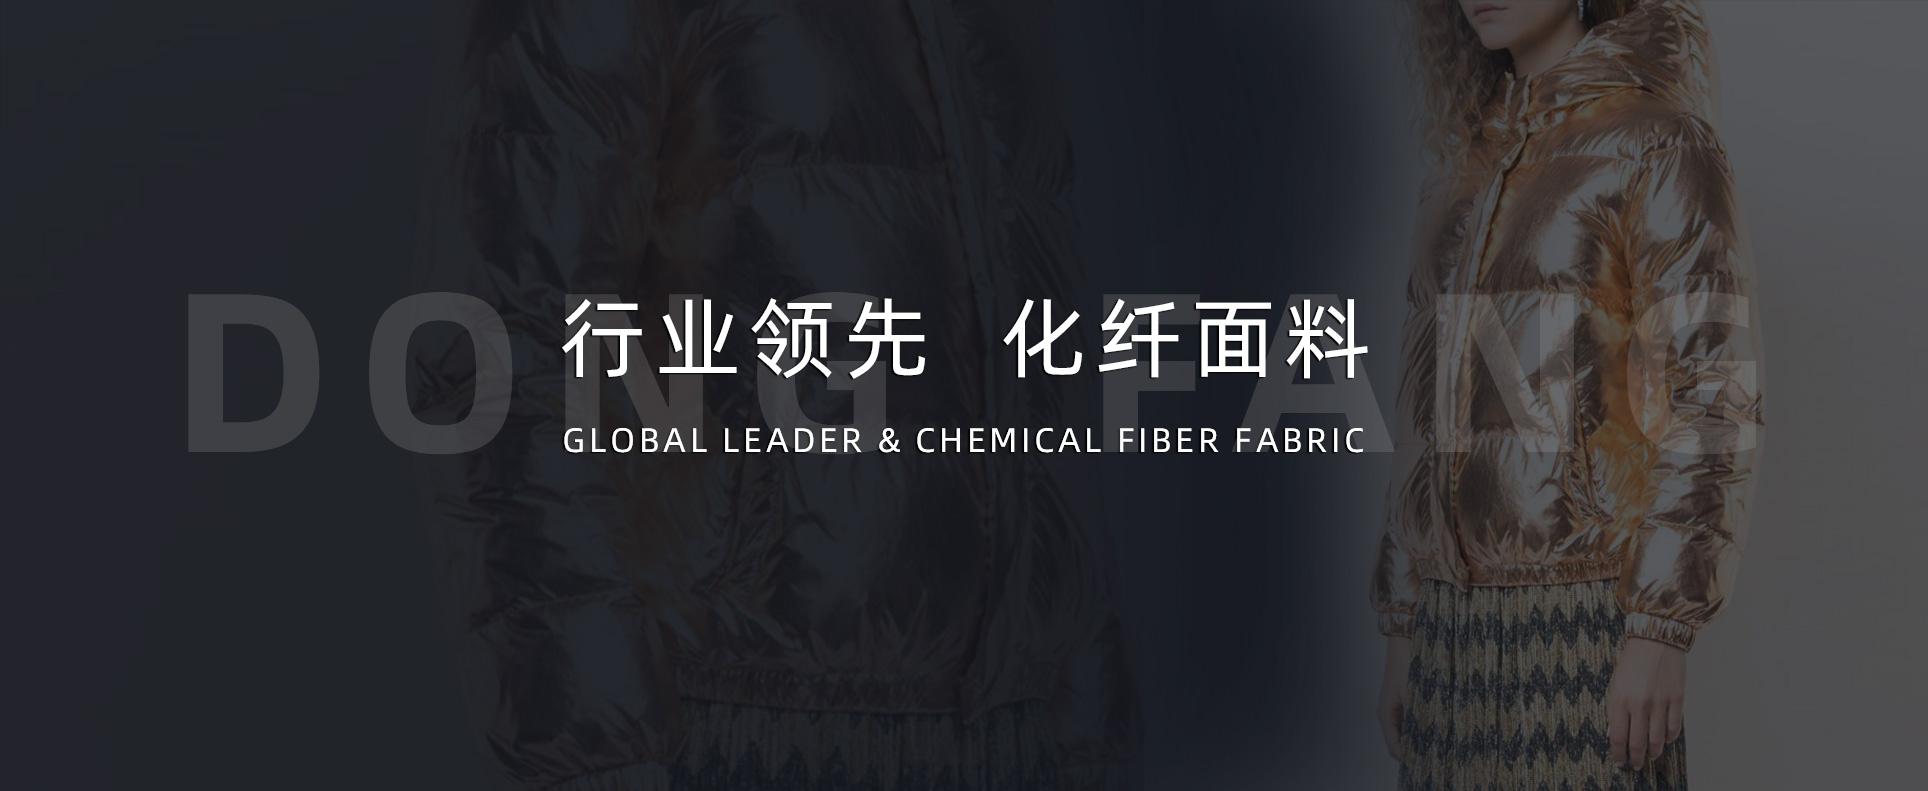 江蘇快猫最新破解版1.0.2紡織科技有限公司